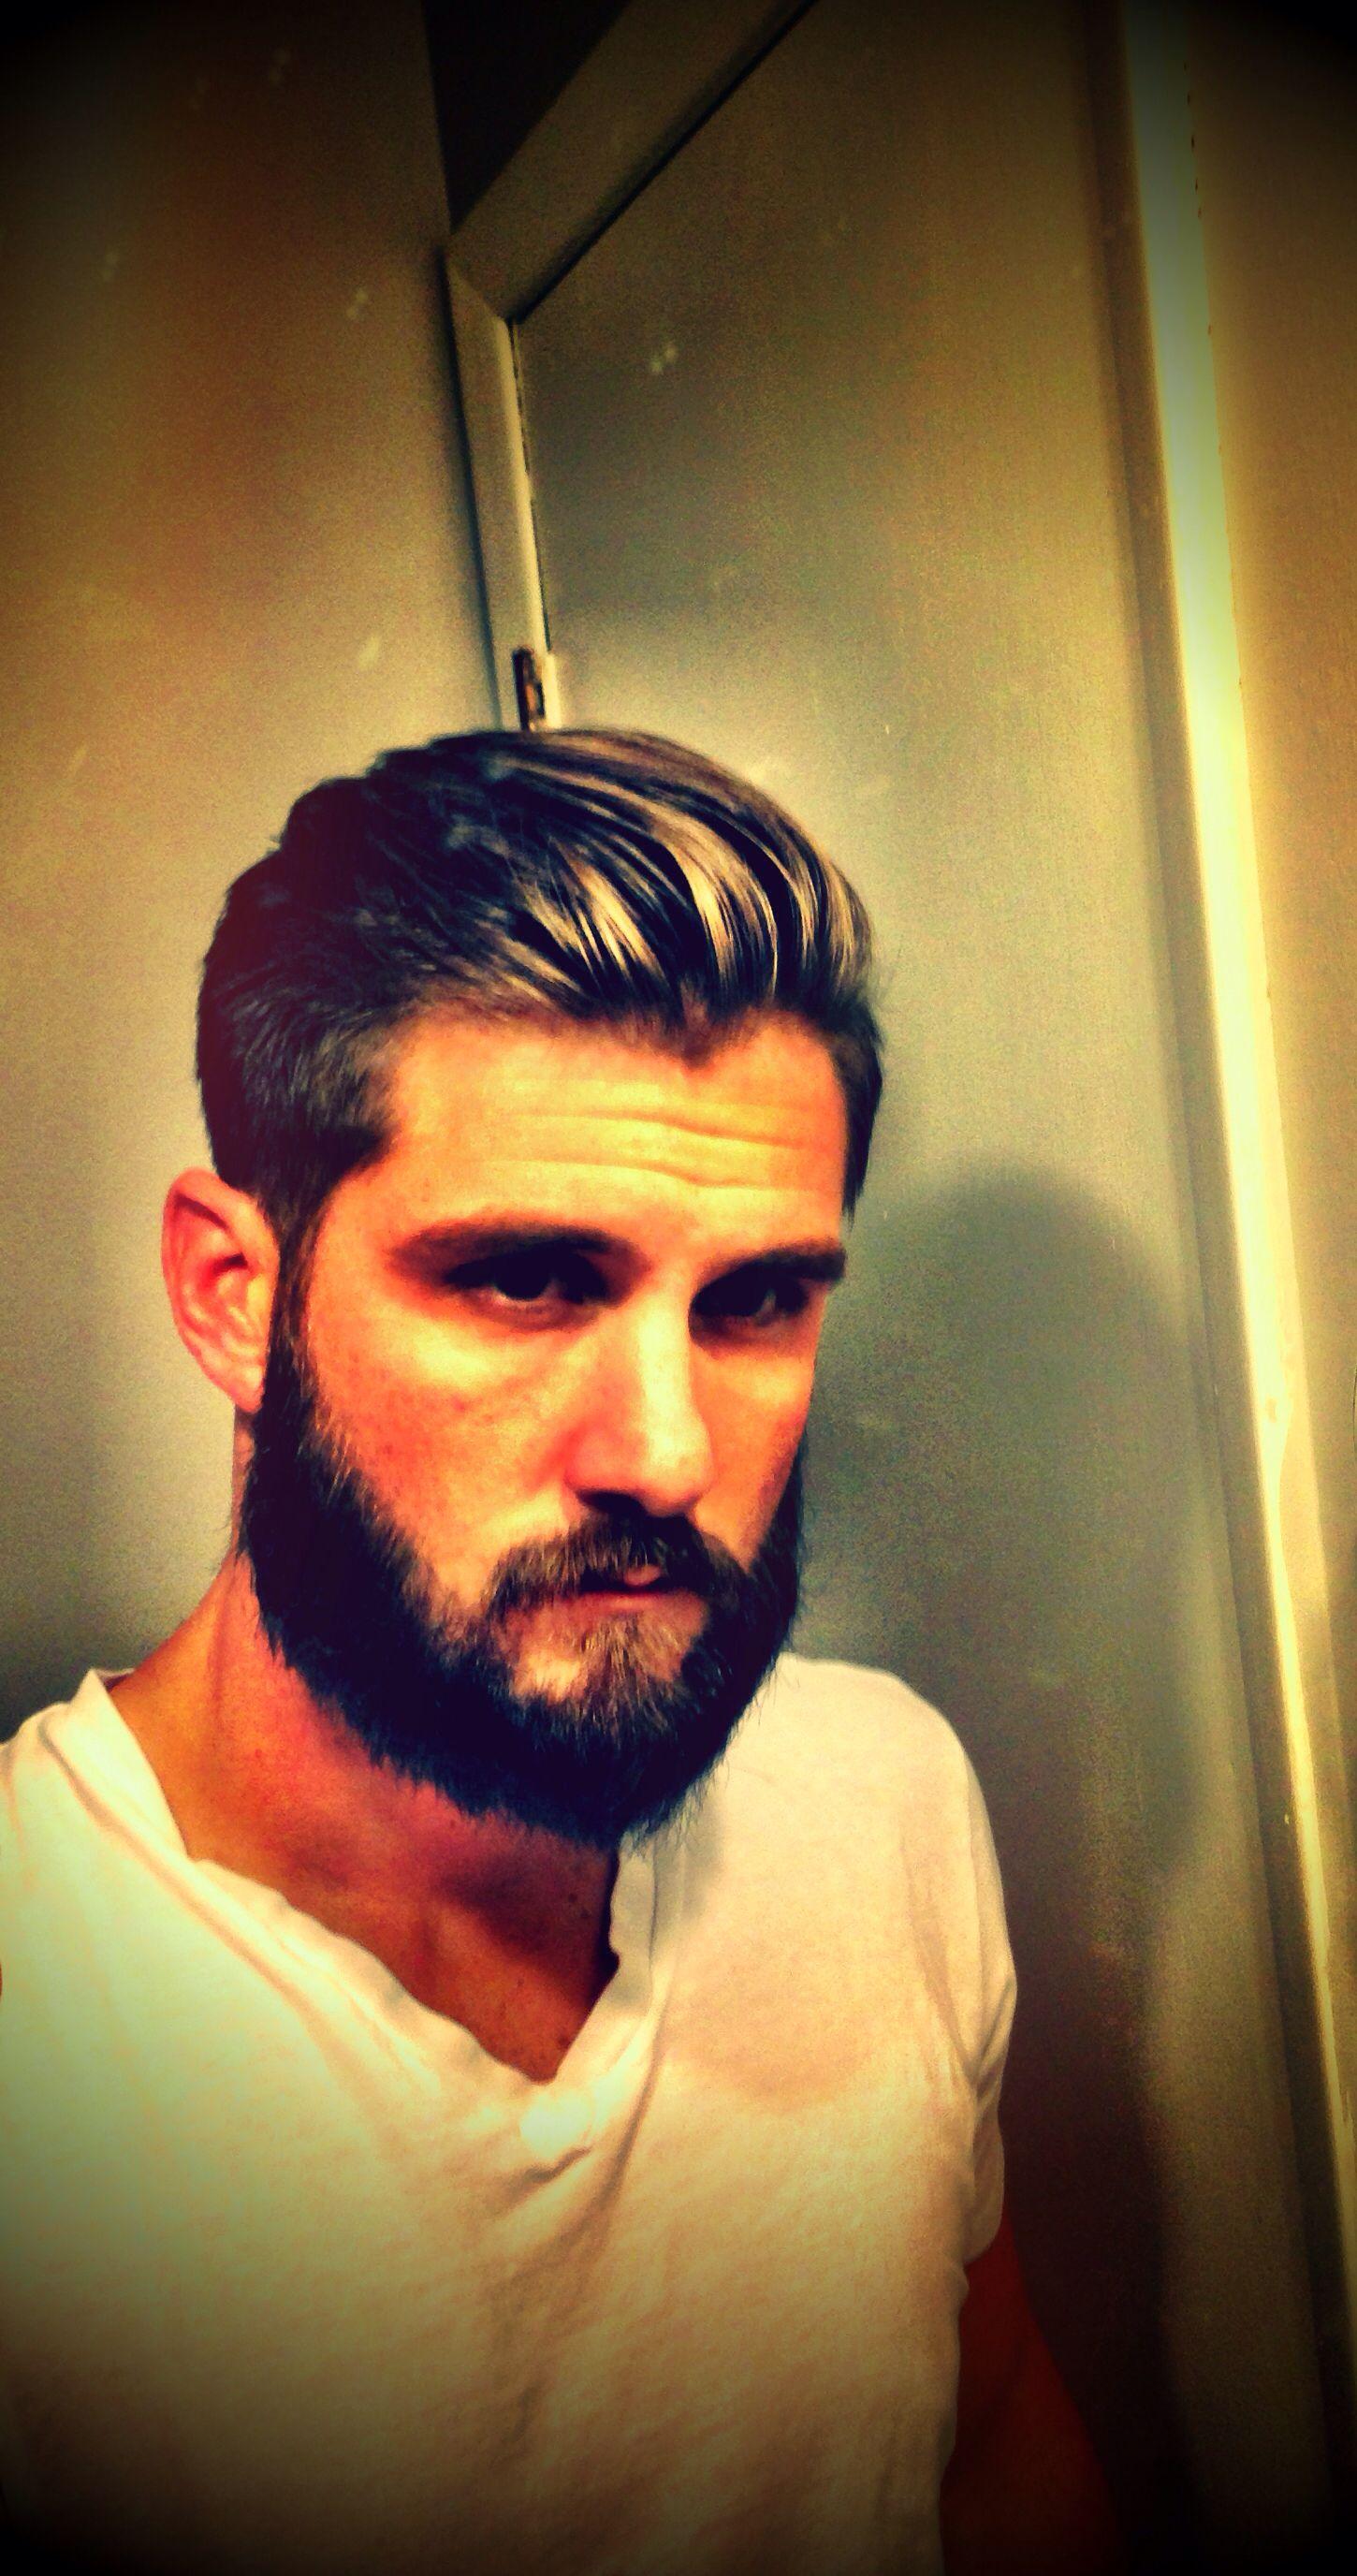 Mens haircuts with beards modern menus hair cut undercut longer on top men with beards